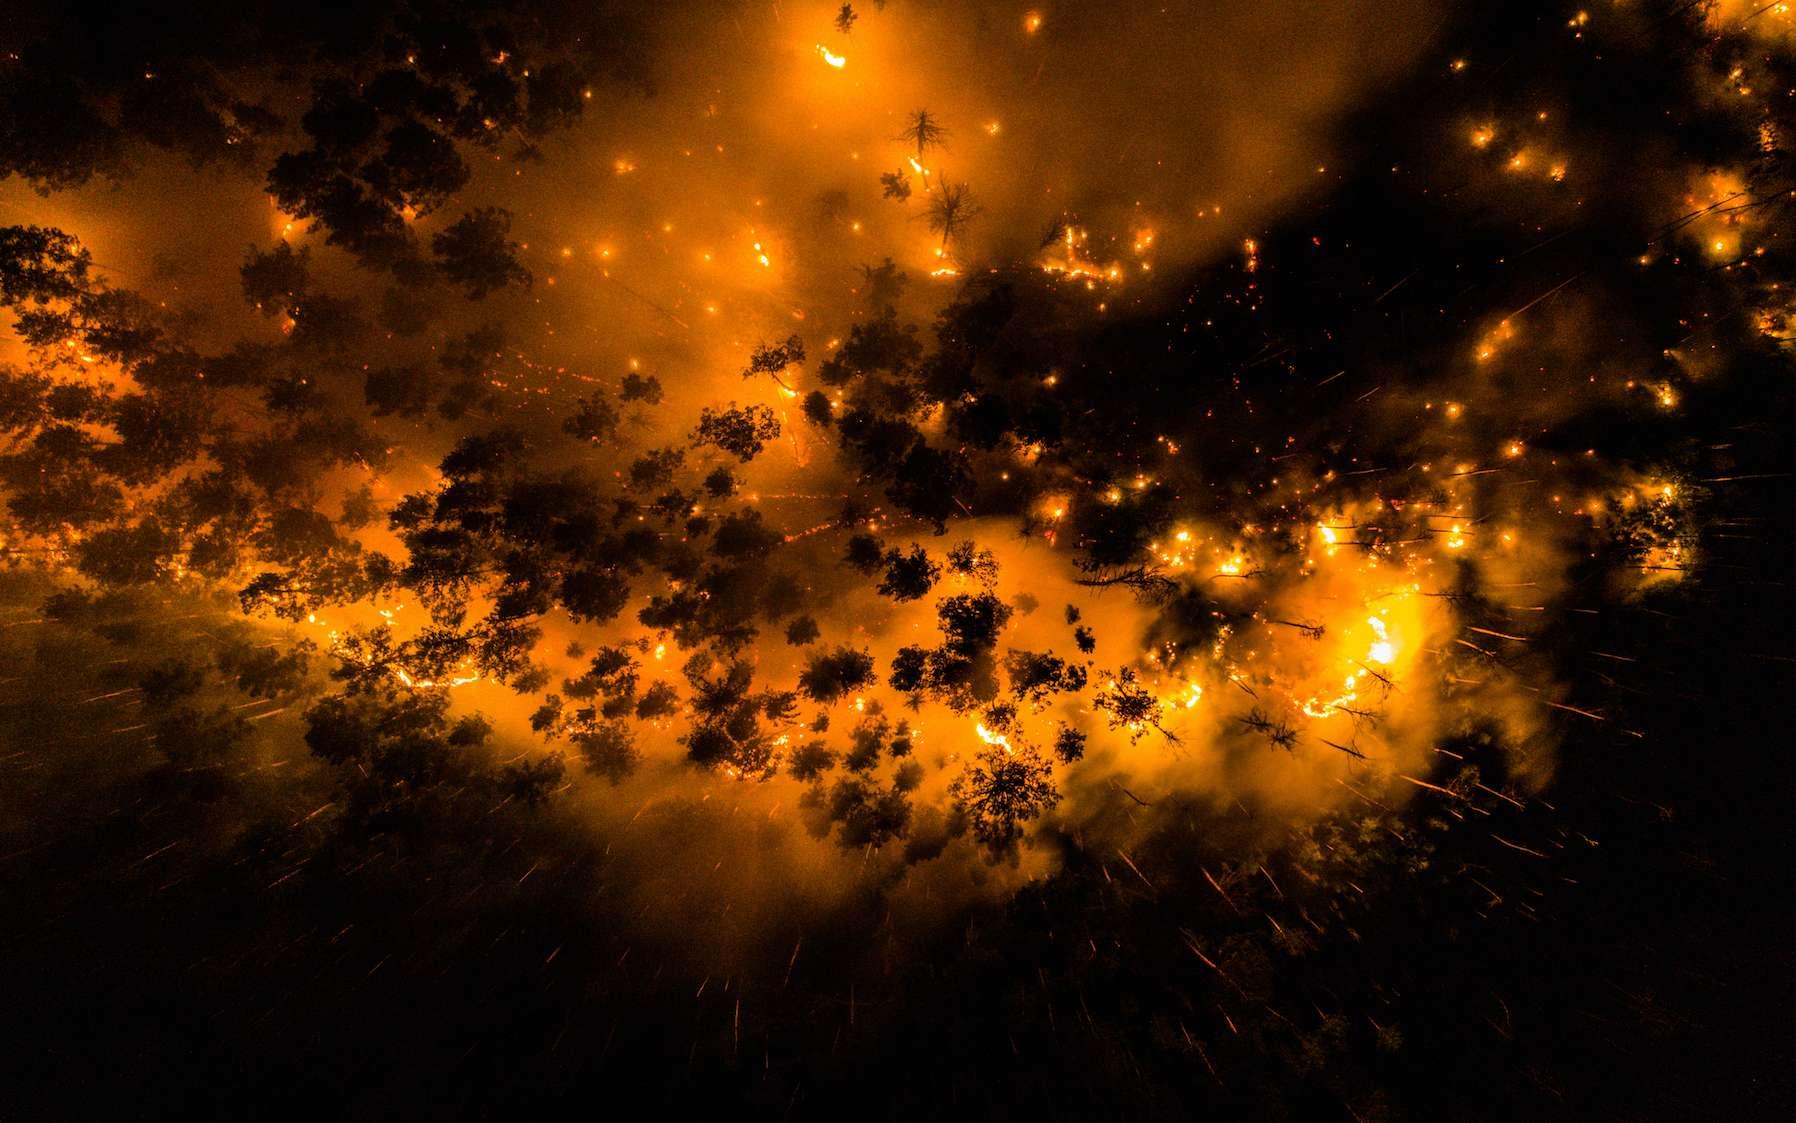 Photo de la forêt en feu prise par drone le 16 juillet 2020 dans la forêt de Krasnoïarsk. © Greenpeace